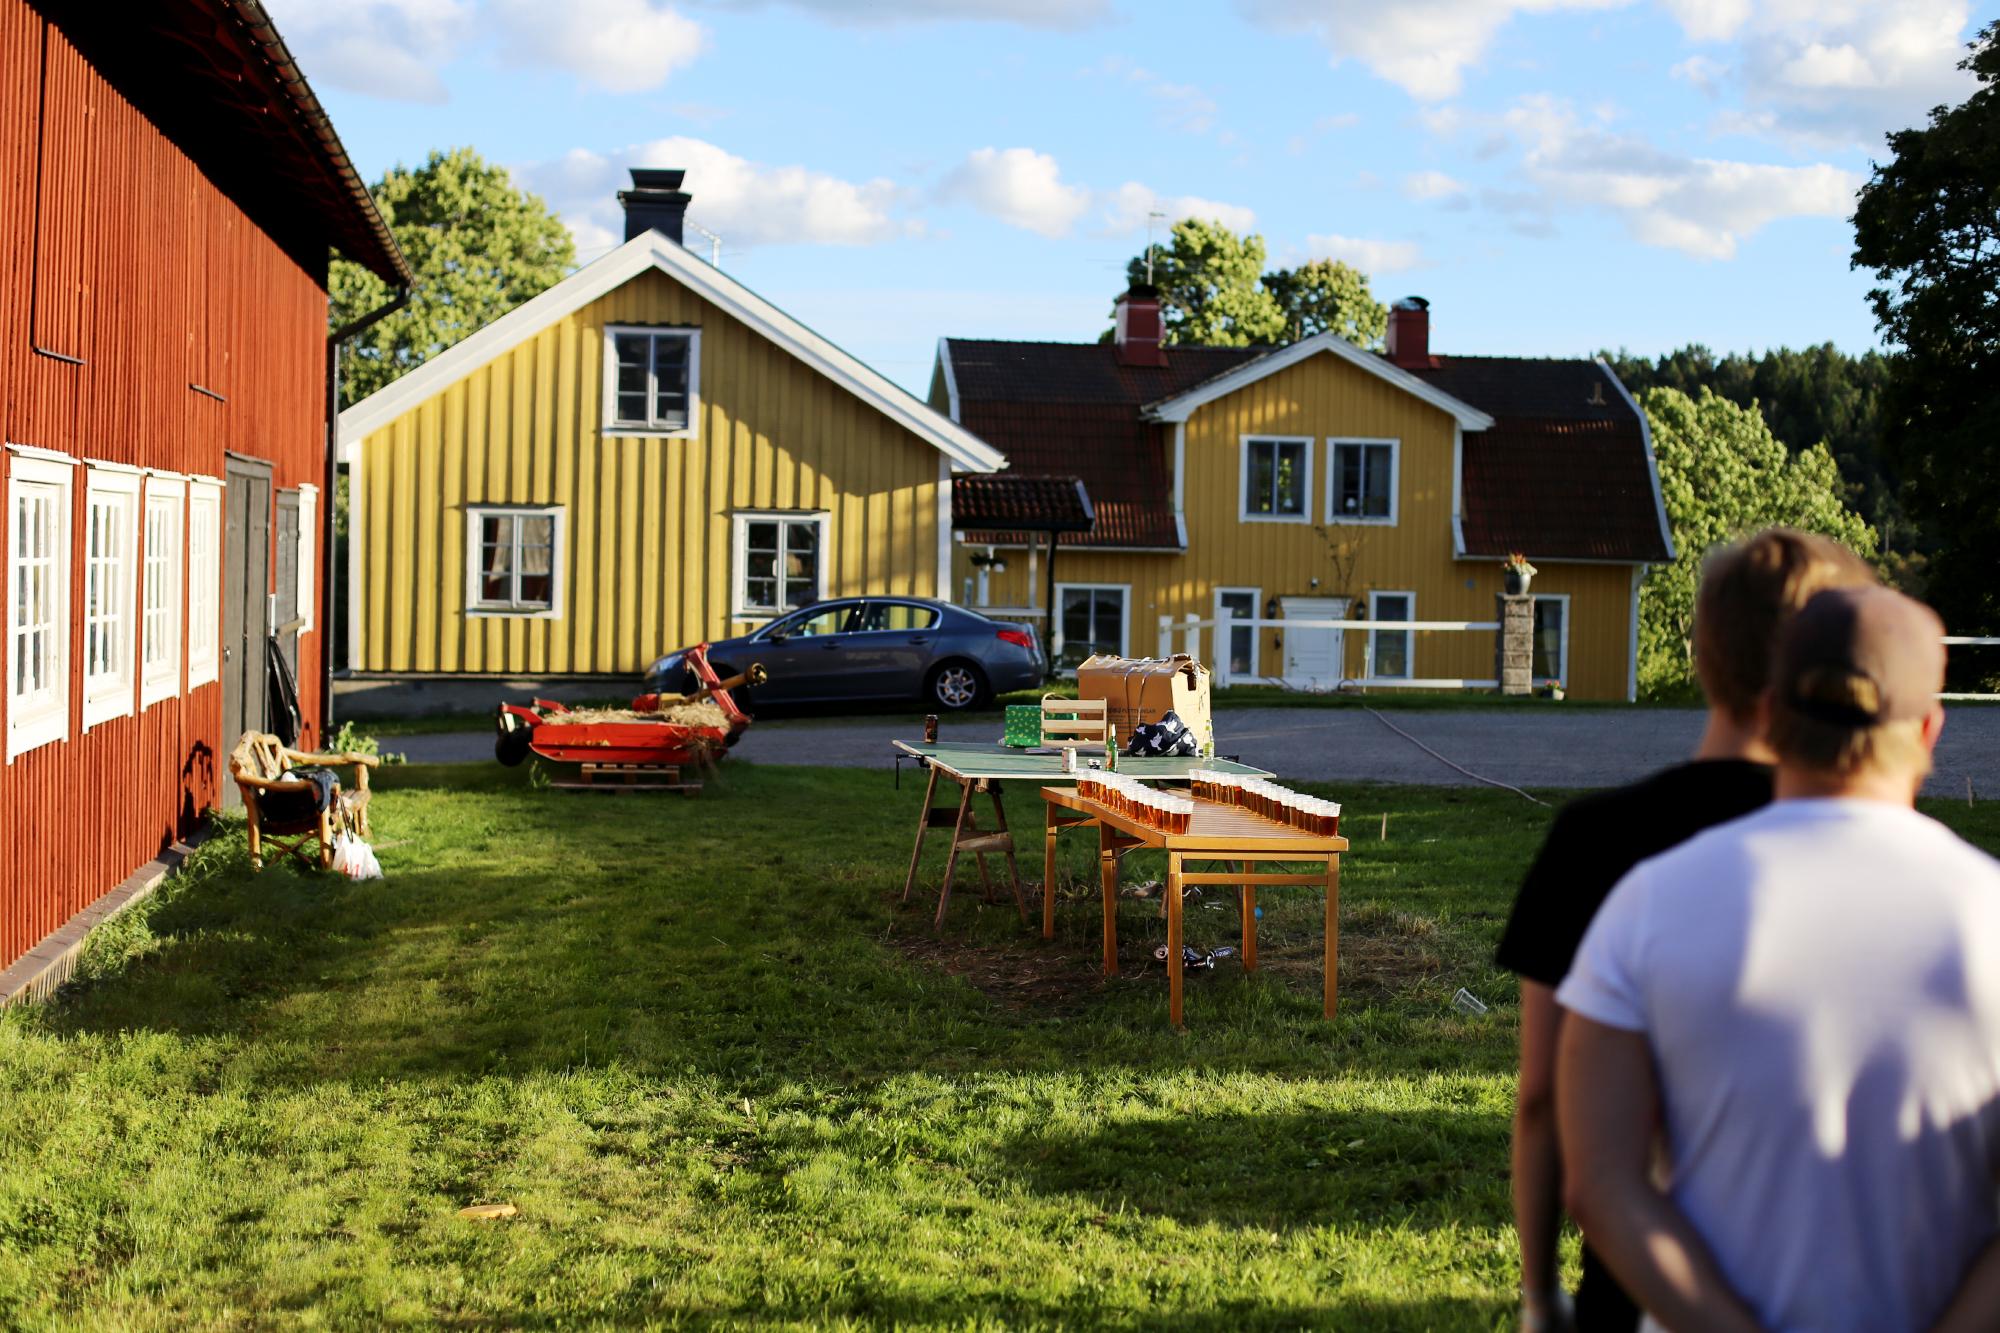 hundraårsfesten-sara edström14